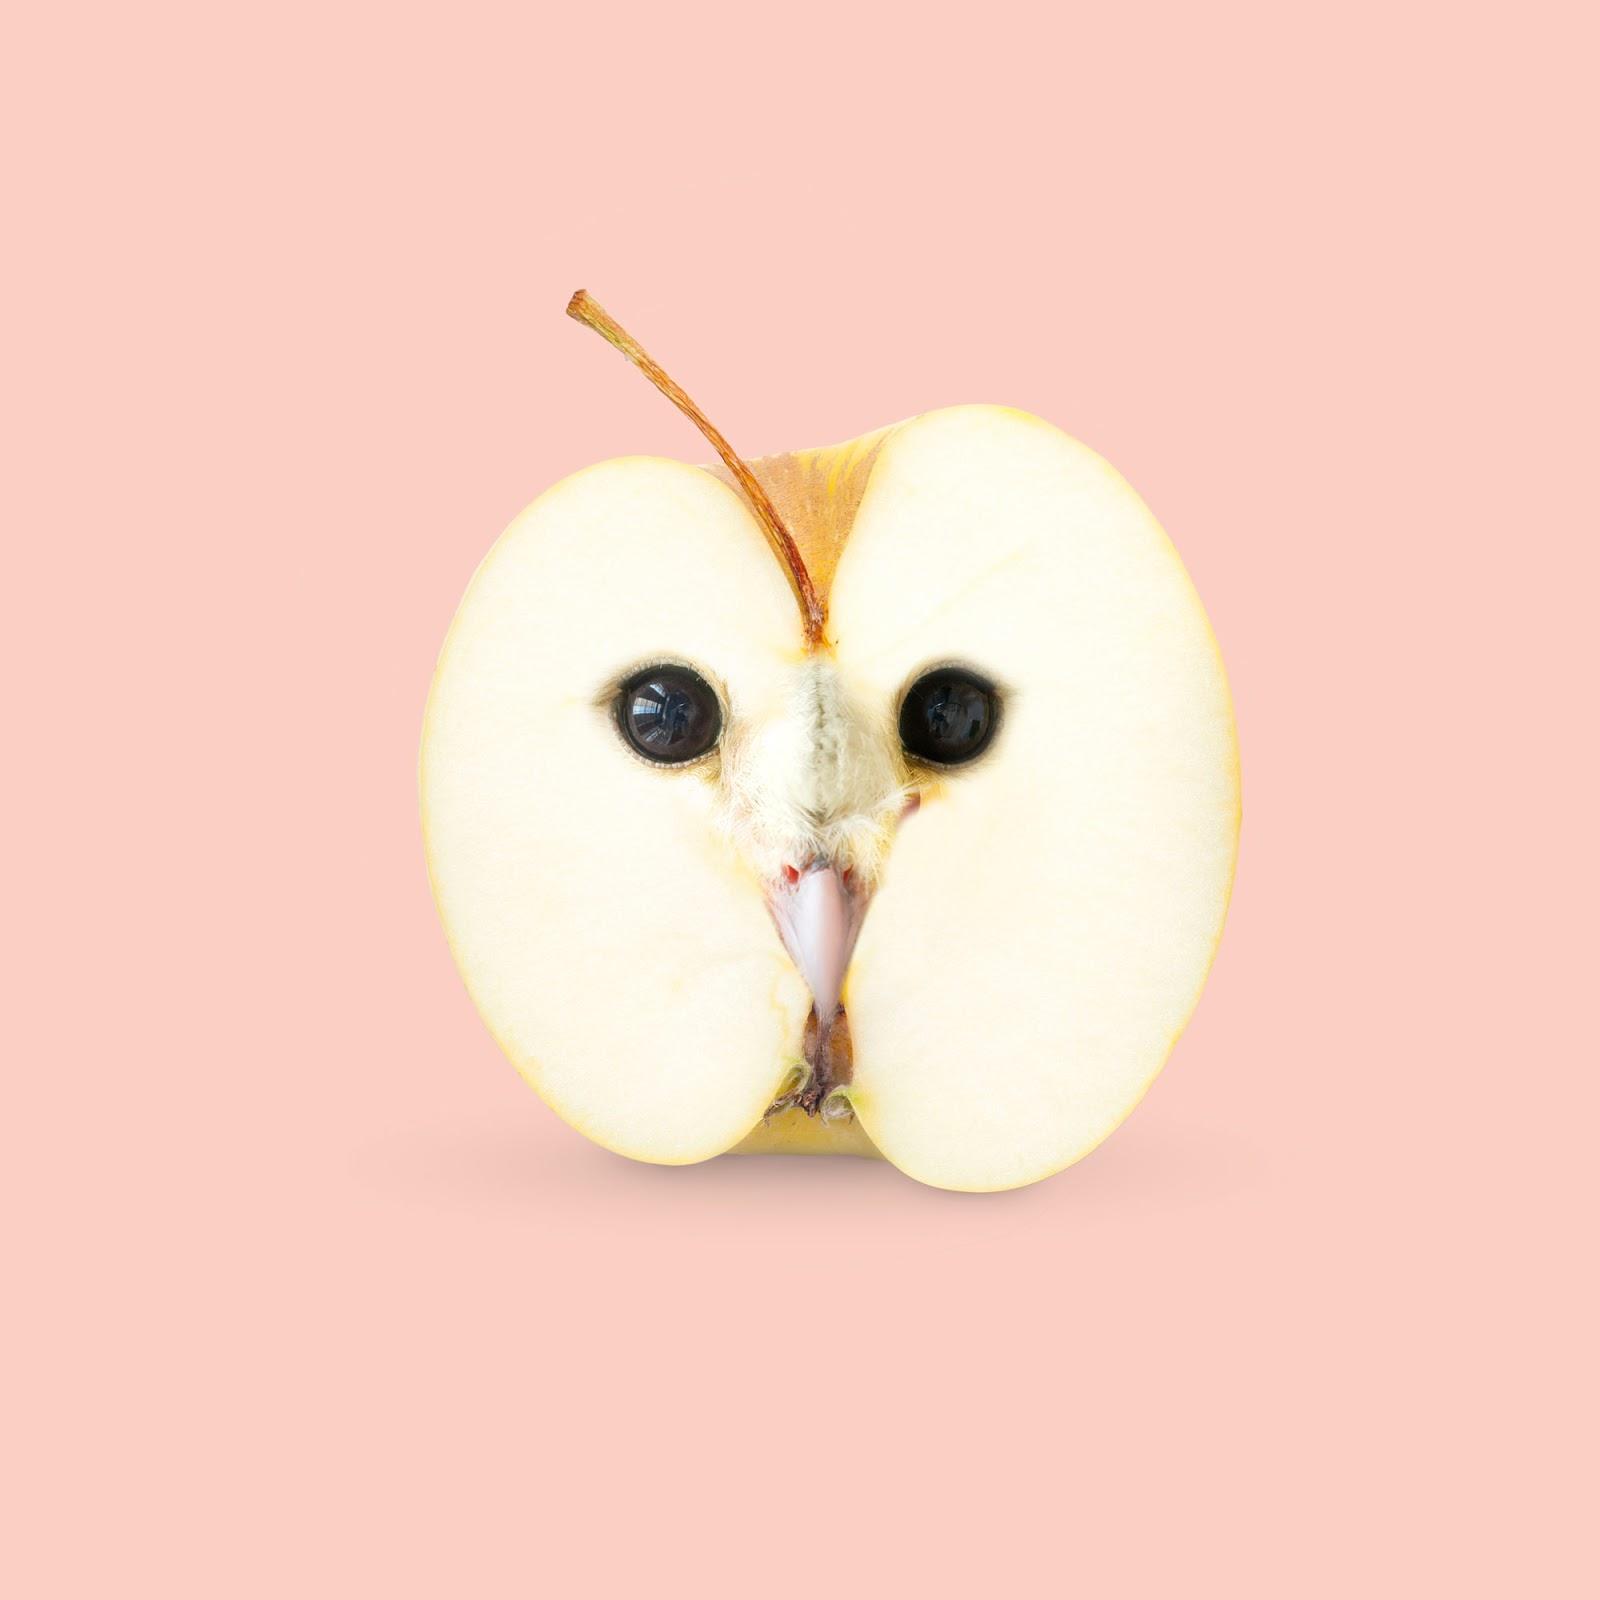 食べ物と動物を合成させた不思議なコラージュ作品【a】|ミライノシテン